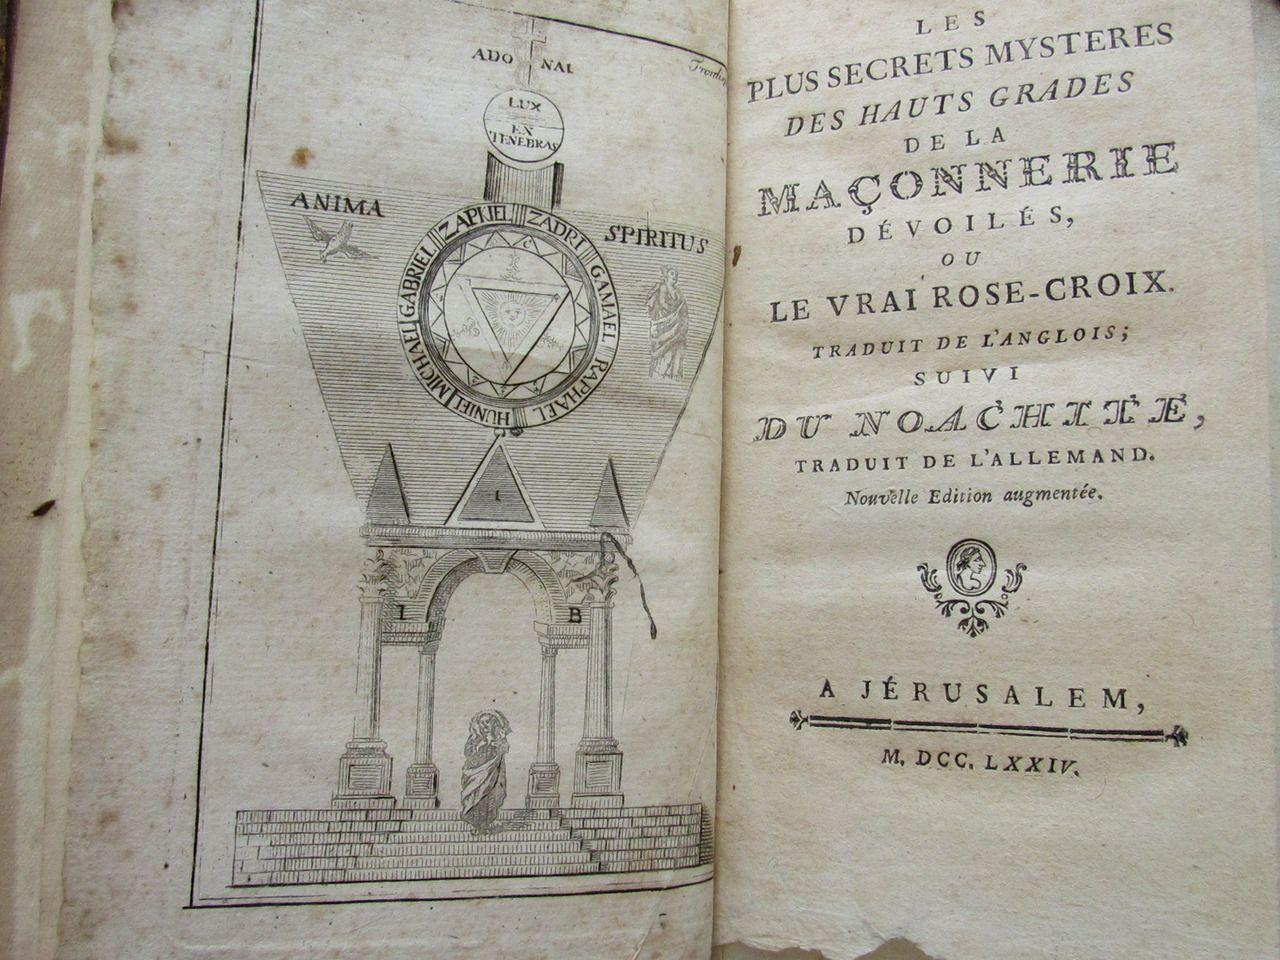 Anglois les plus secrets mystères des hauts grades de la maçonnerie